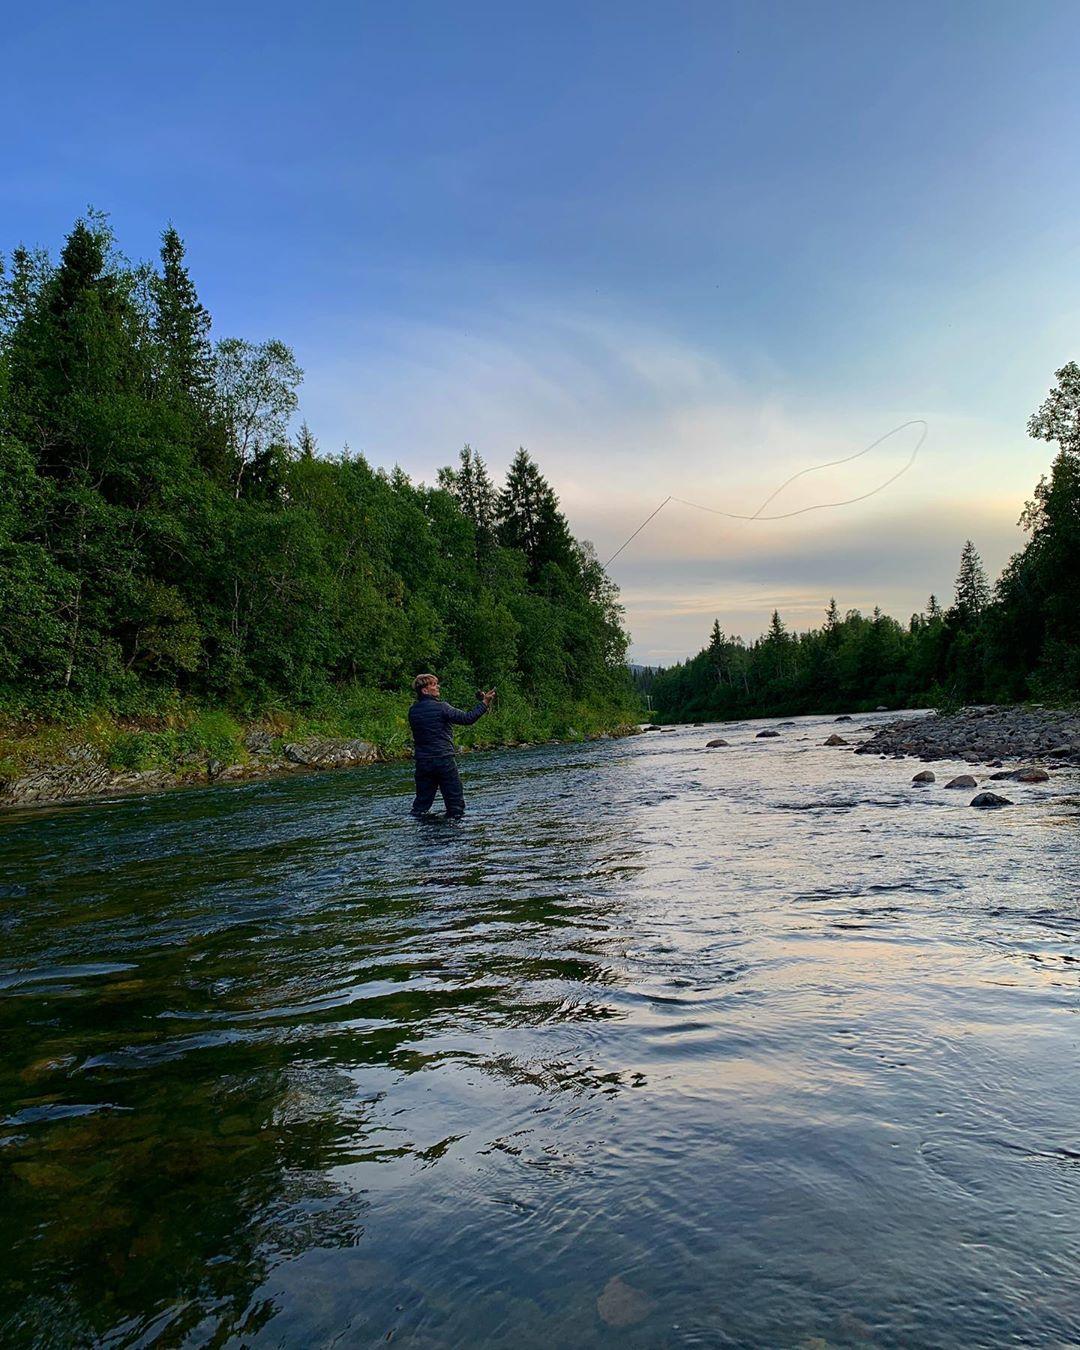 Fishing for salmon in Drevja river